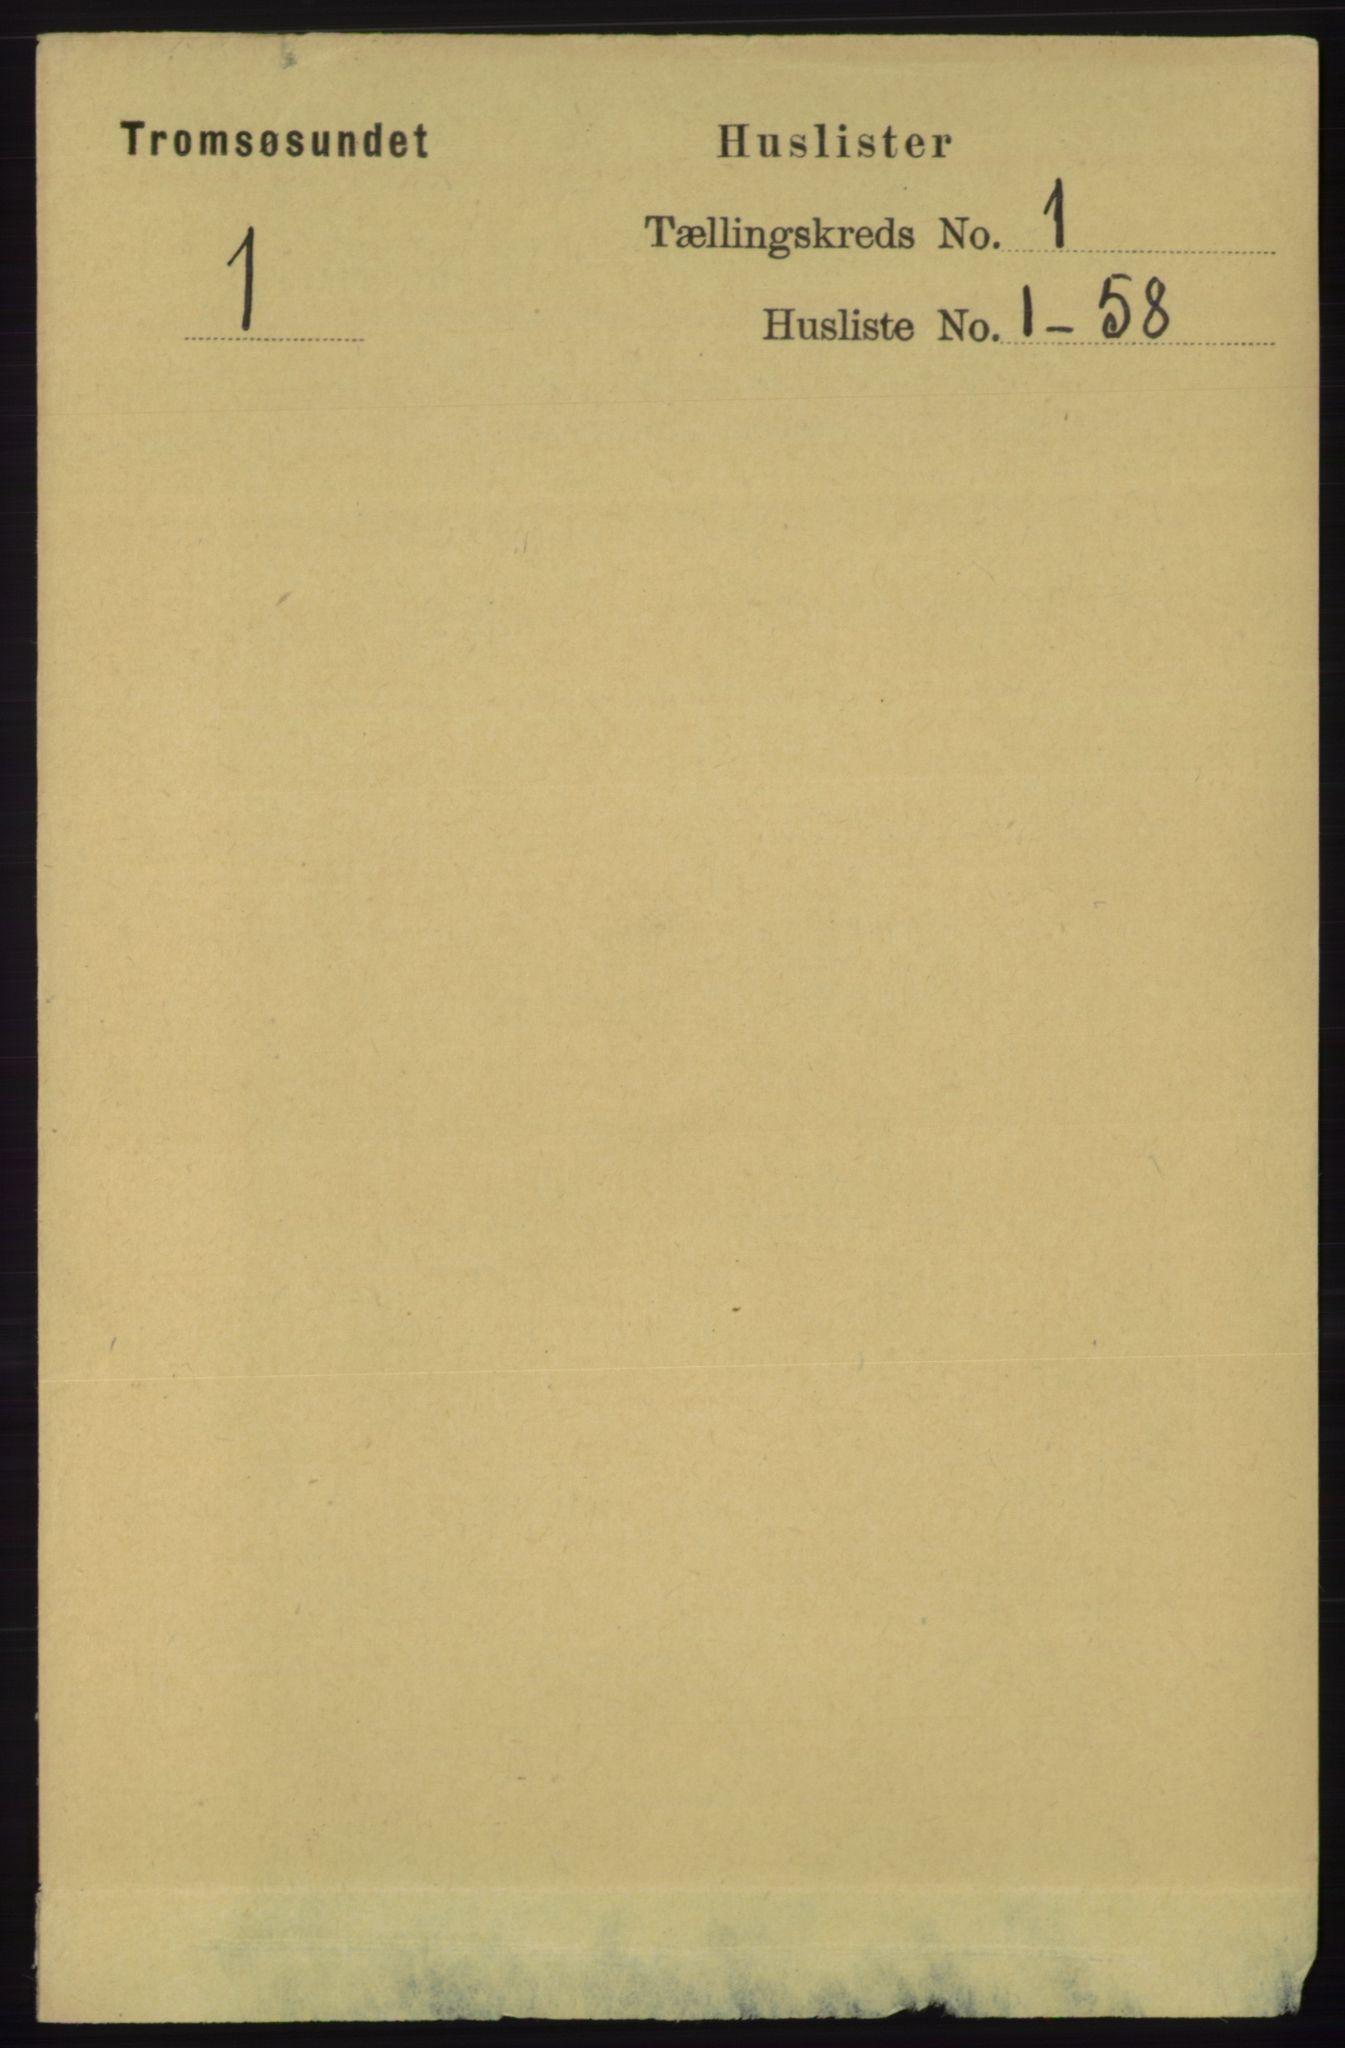 RA, Folketelling 1891 for 1934 Tromsøysund herred, 1891, s. 22